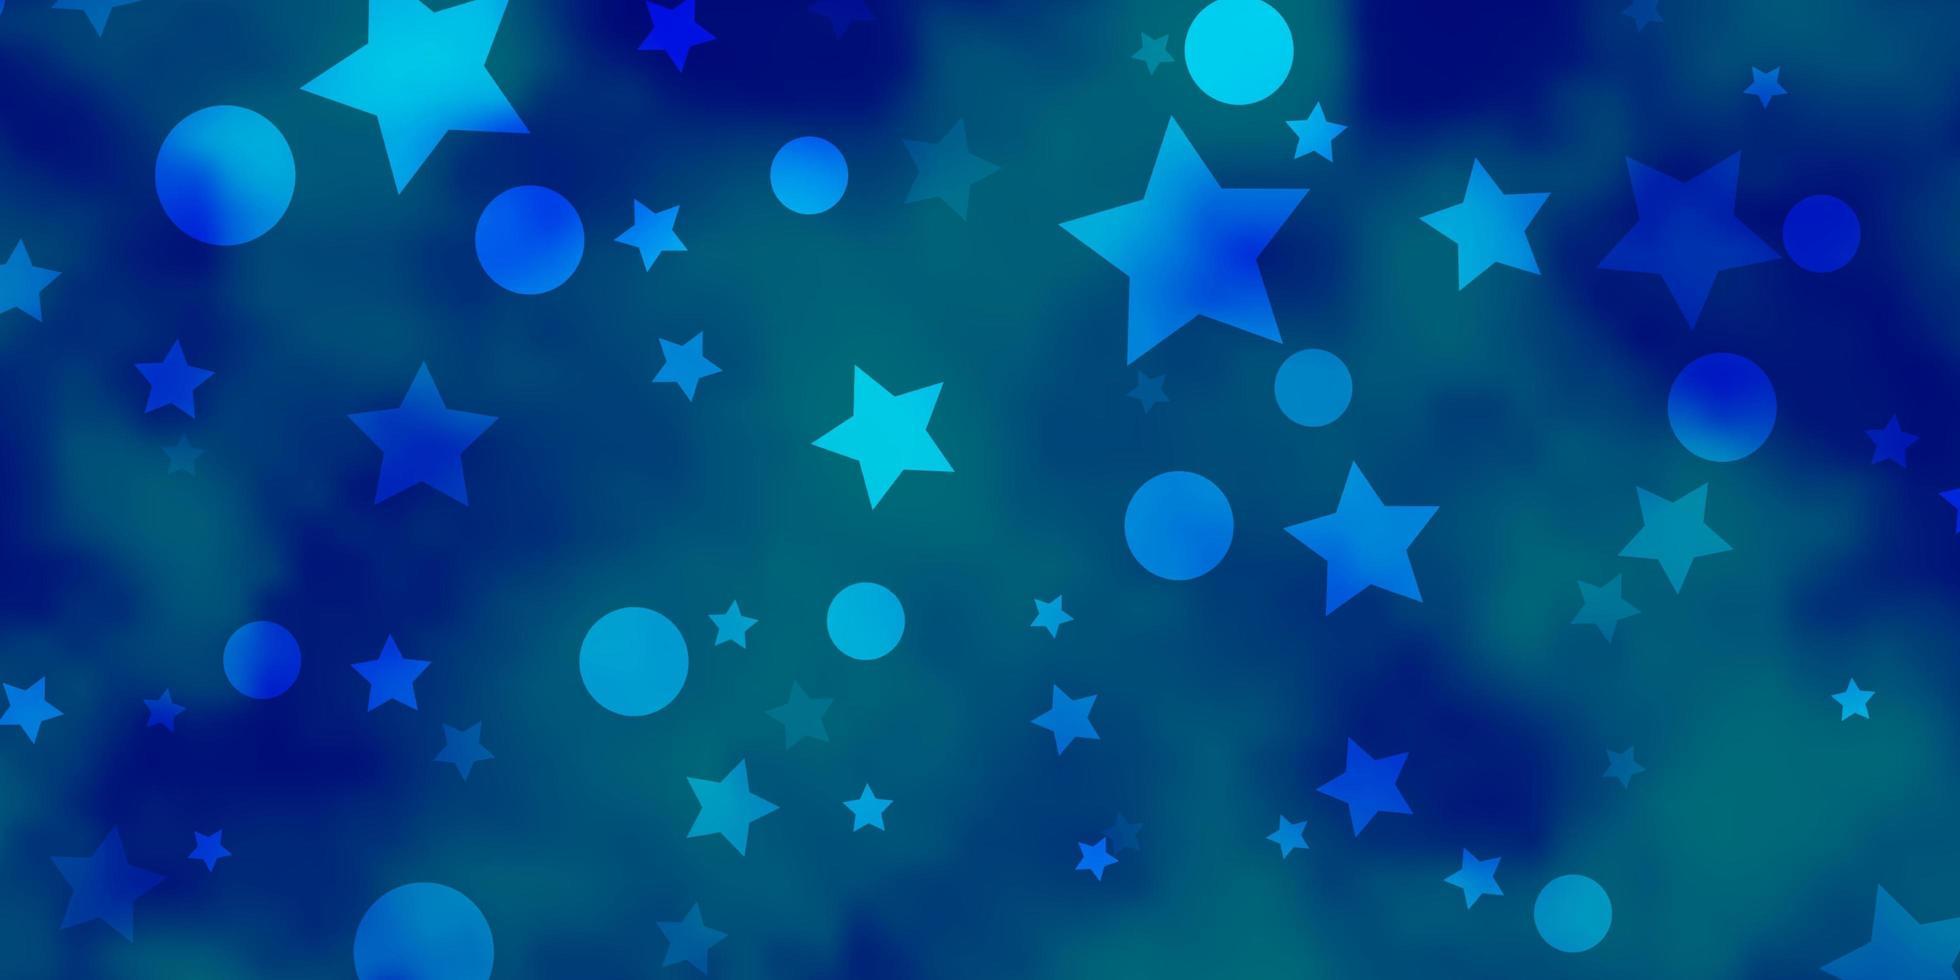 blått mönster med cirklar, stjärnor. vektor